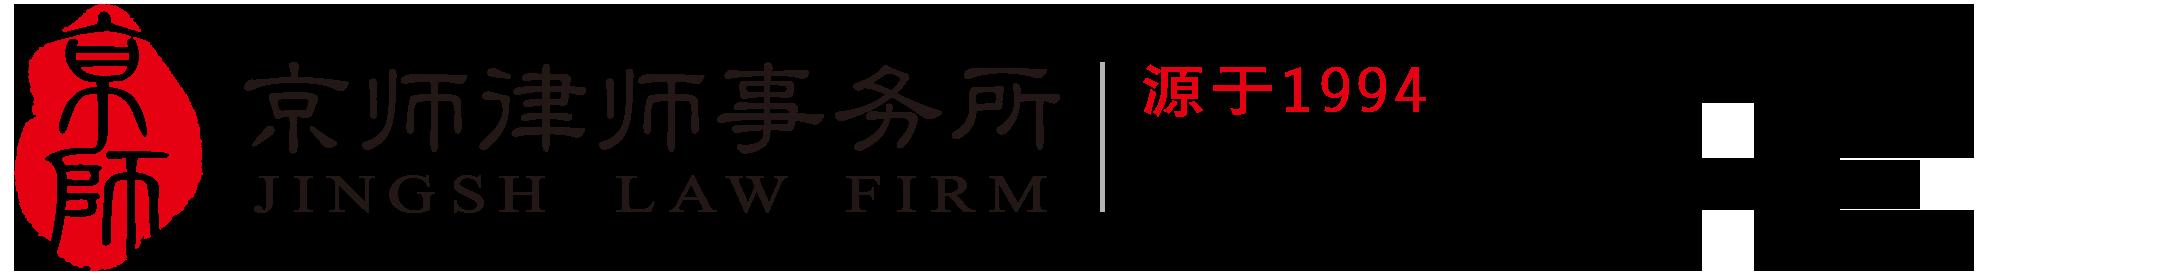 四川投点广告有限公司6